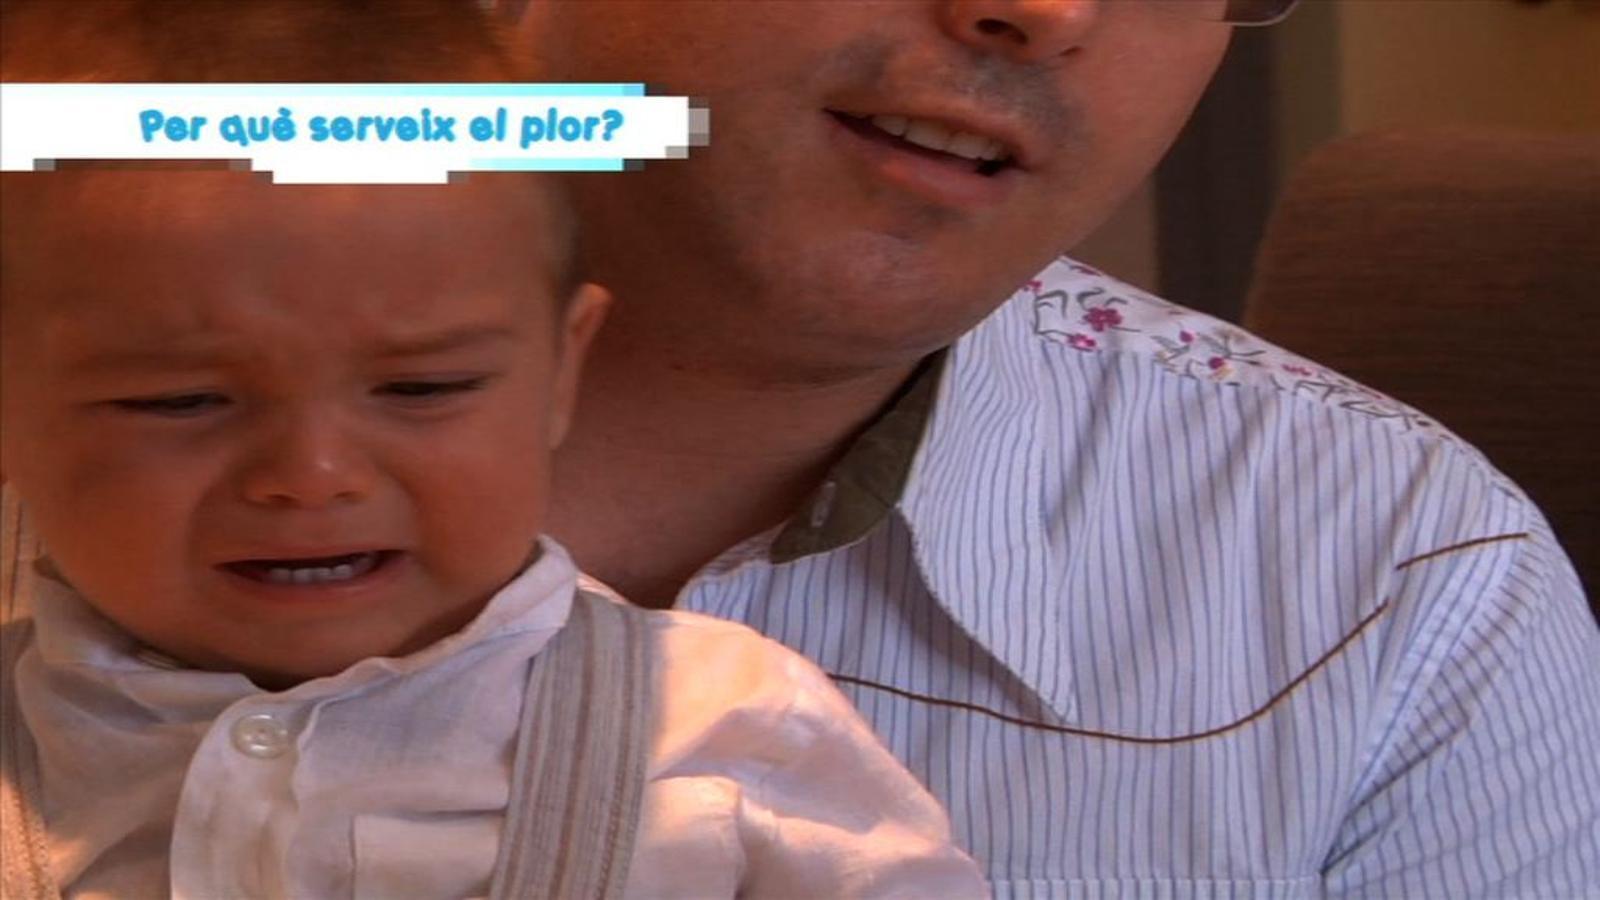 Criatures: Per què serveix el plor?